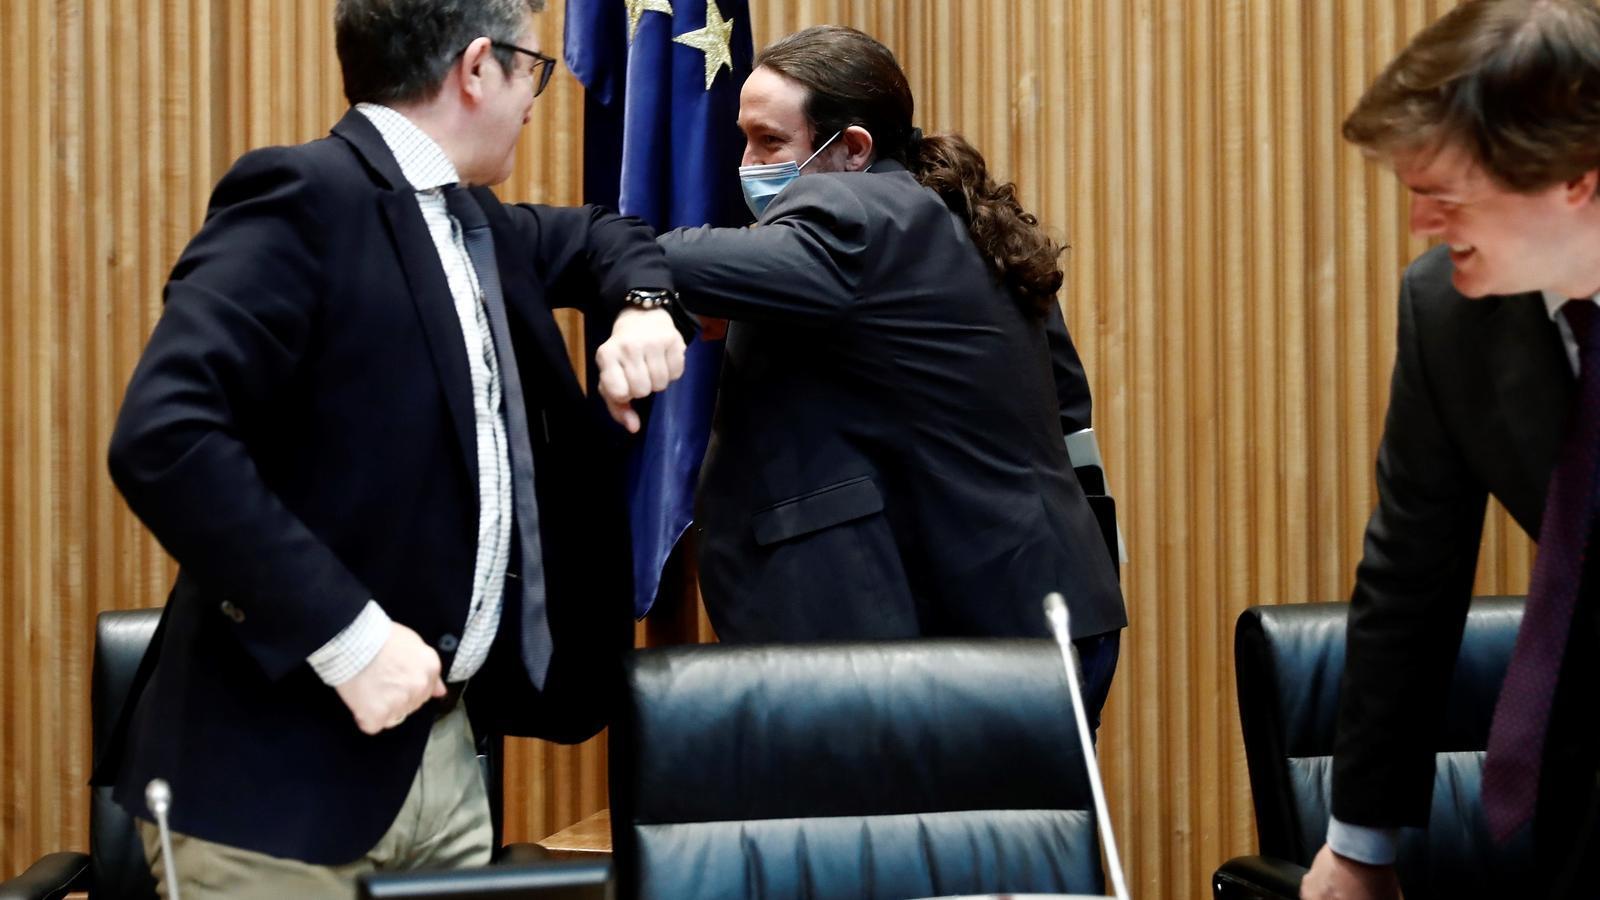 El vicepresident segon del govern espanyol, Pablo Iglesias, saludant el president de la comissió per a la Reconstrucció Social i Econòmica al Congrés, Patxi López, abans de la compareixença d'aquest dijous.